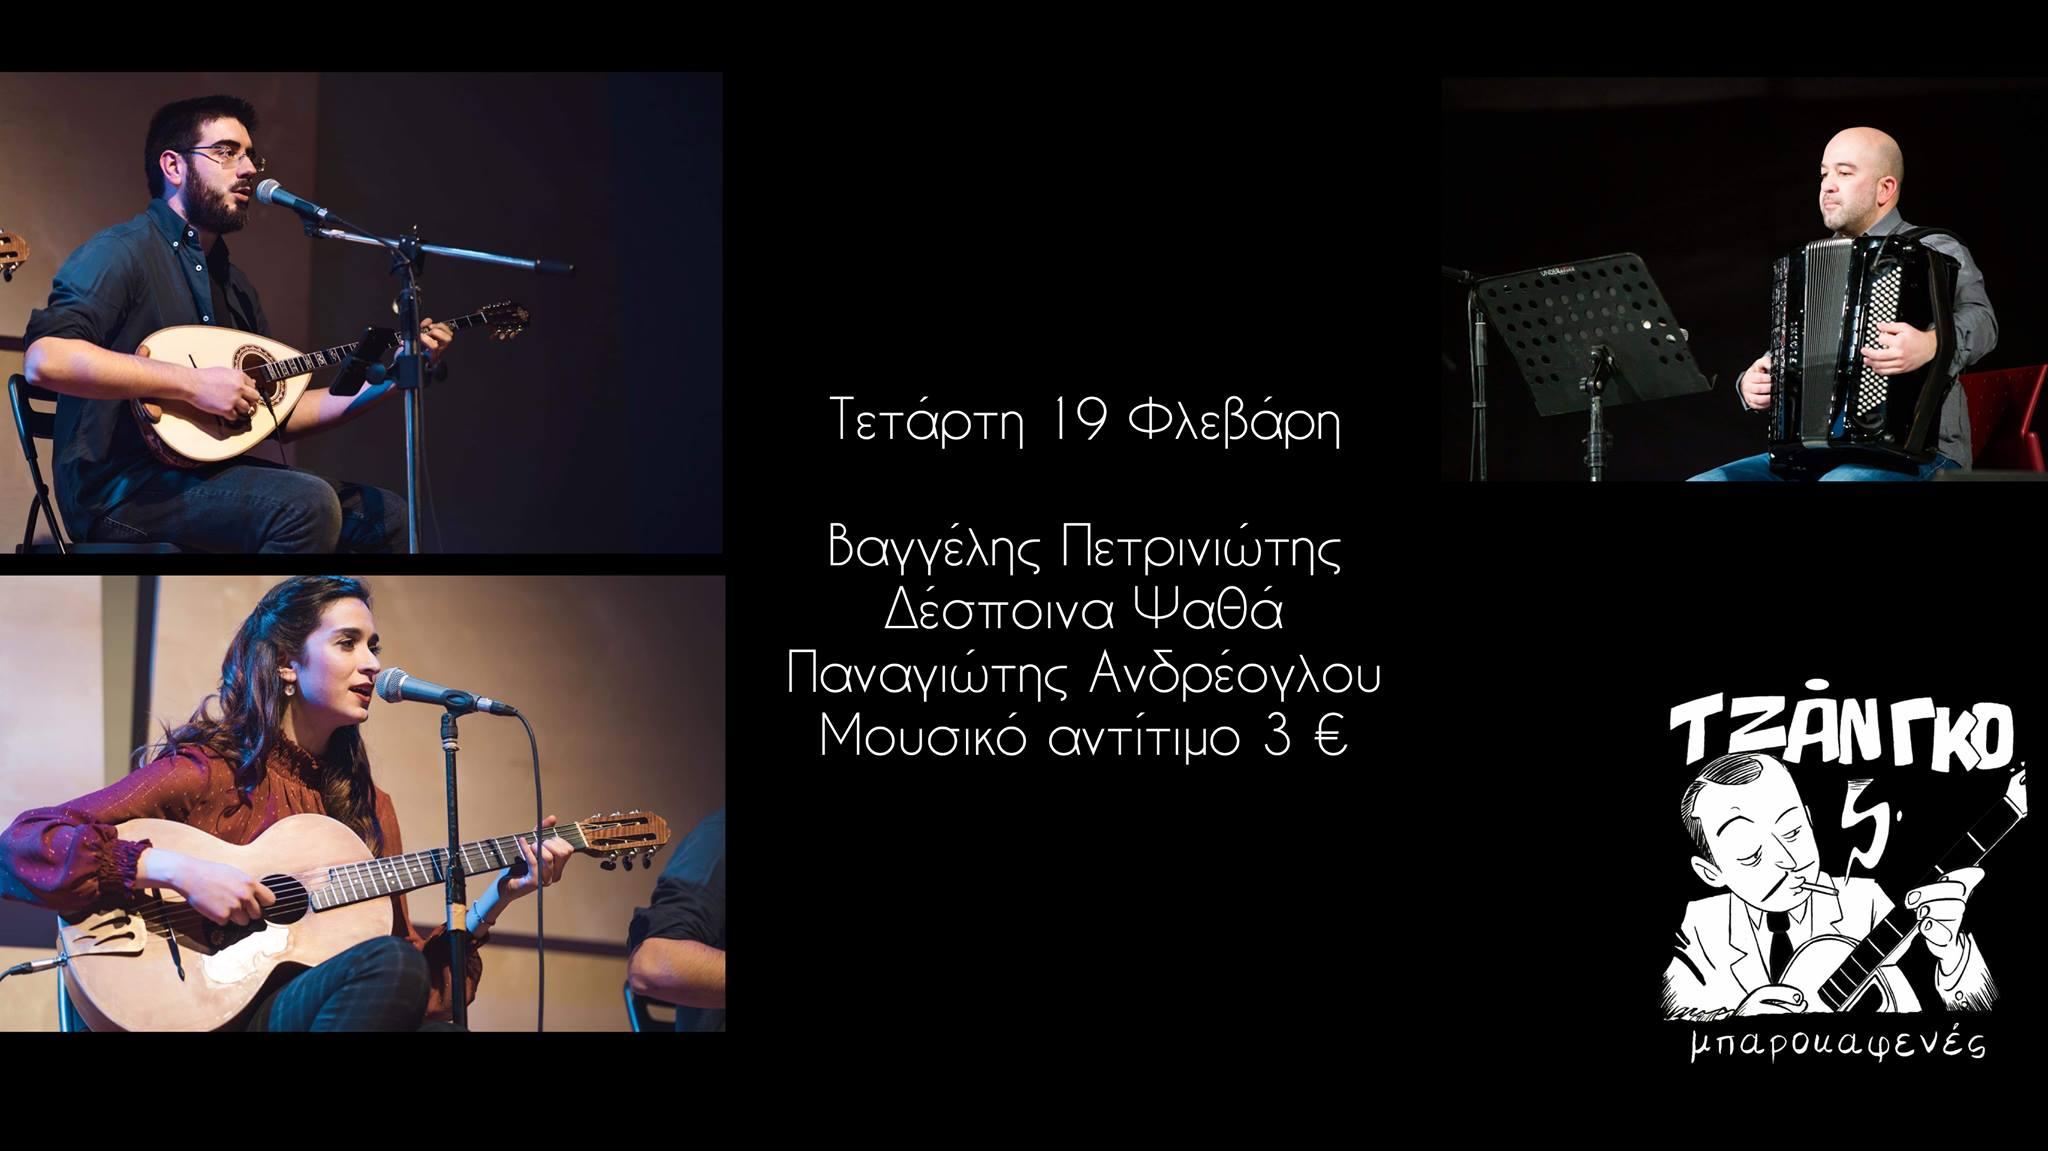 Τζάνγκο Μπαροκαφενές   Θεσσαλονίκη (19-02-2020)